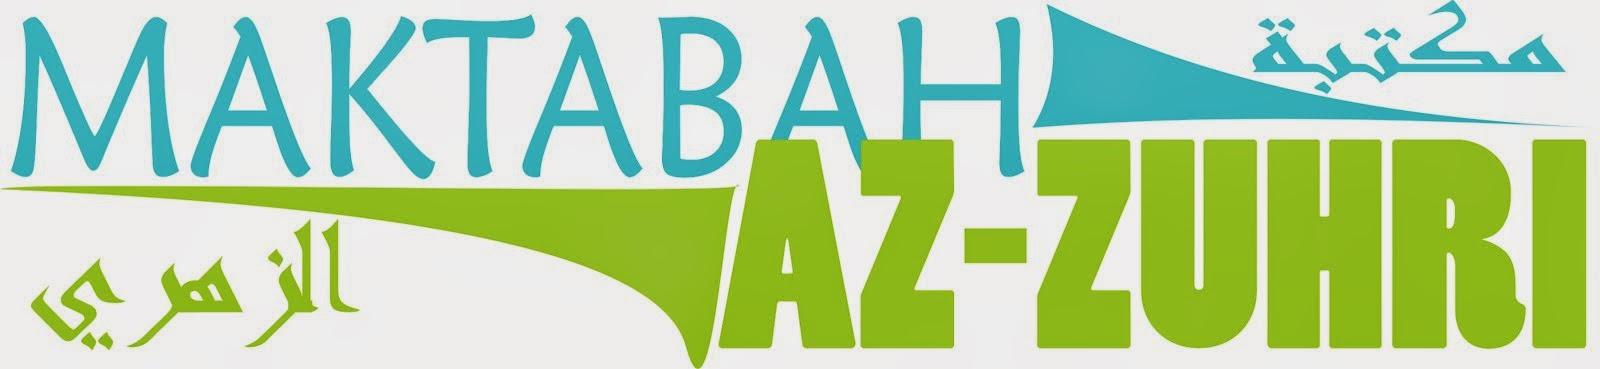 Maktabah Az-Zuhri